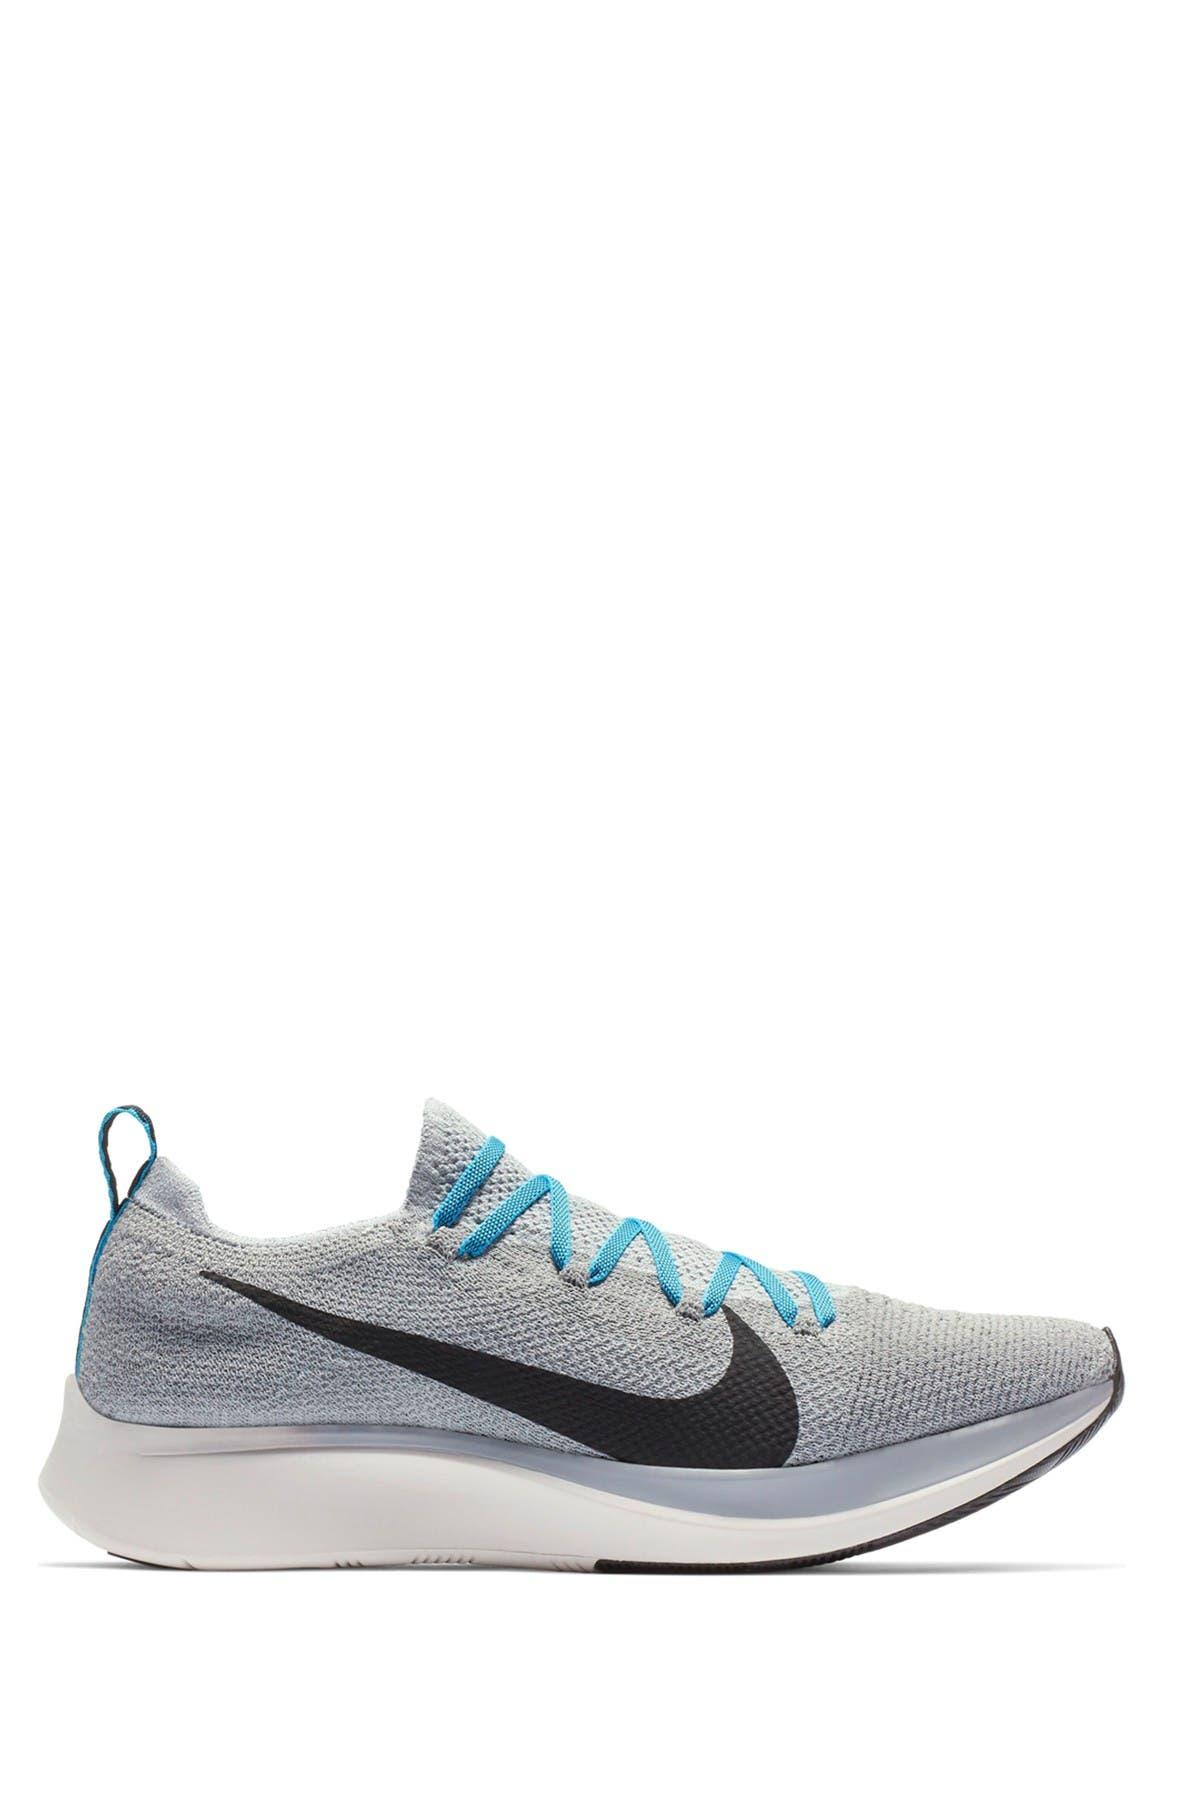 Nike | Zoom Fly Flyknit Running Shoe